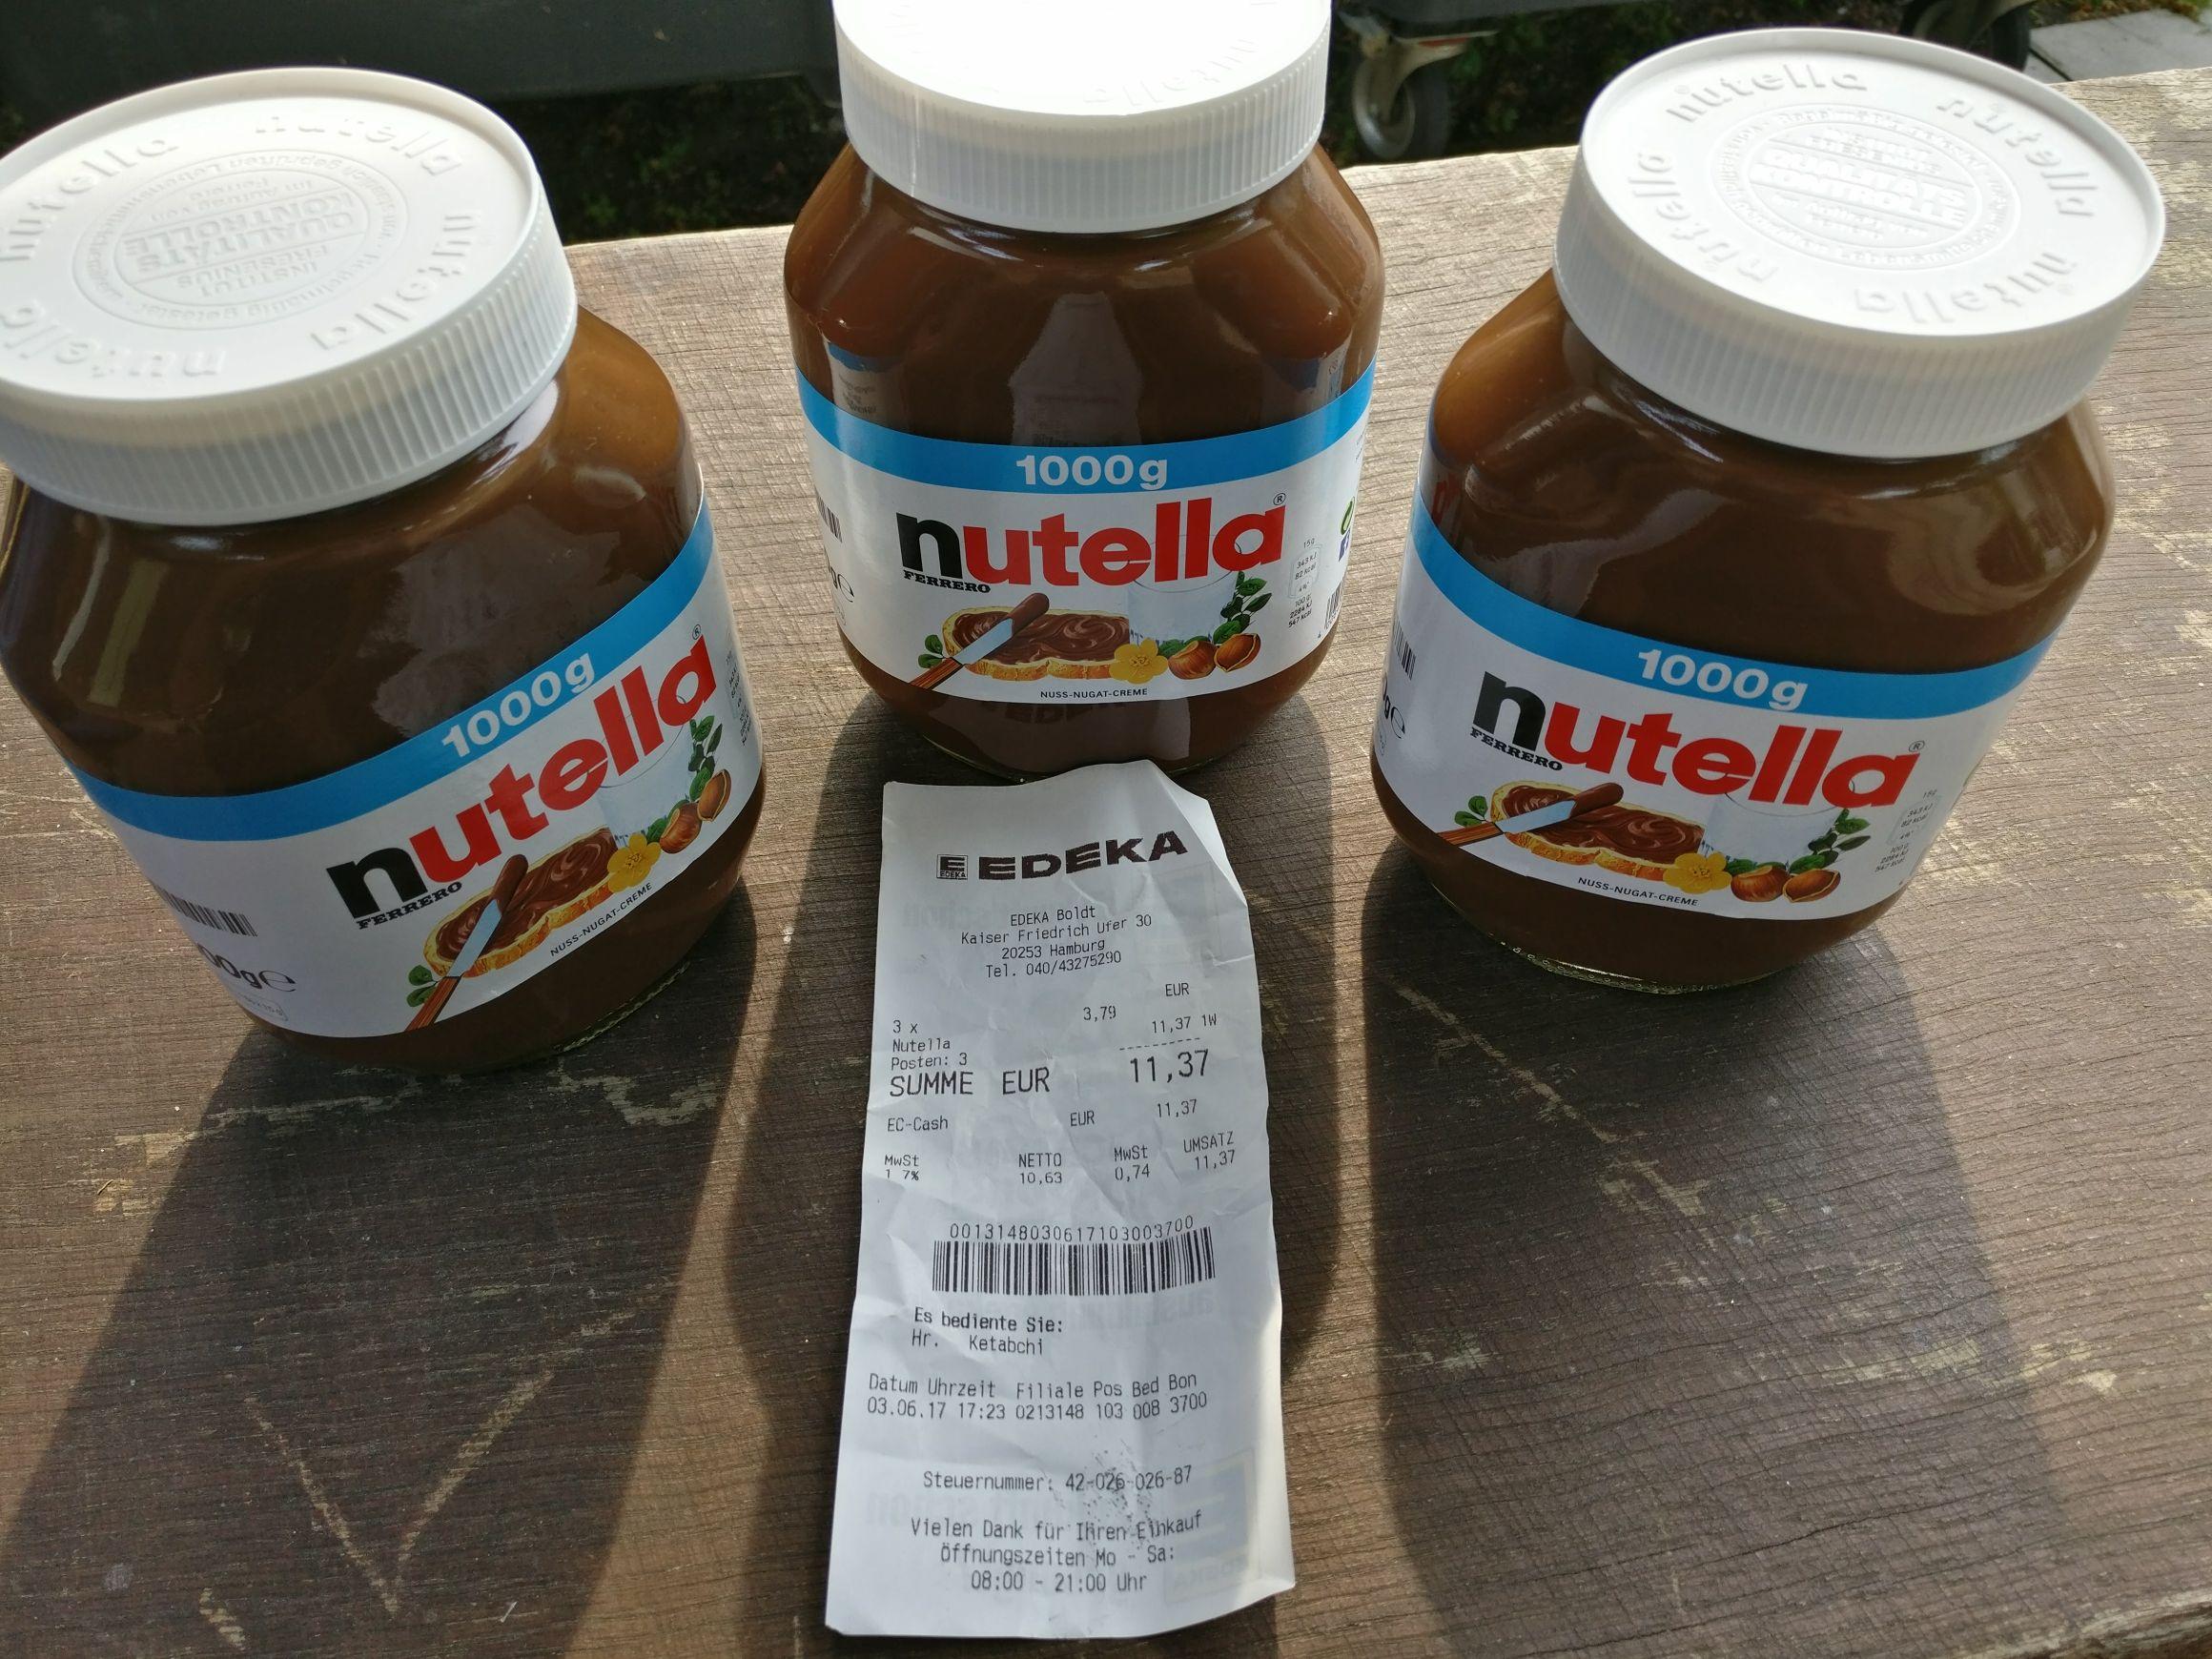 Preisfehler 1kg Nutella bei Edeka (Hamburg lokal?)